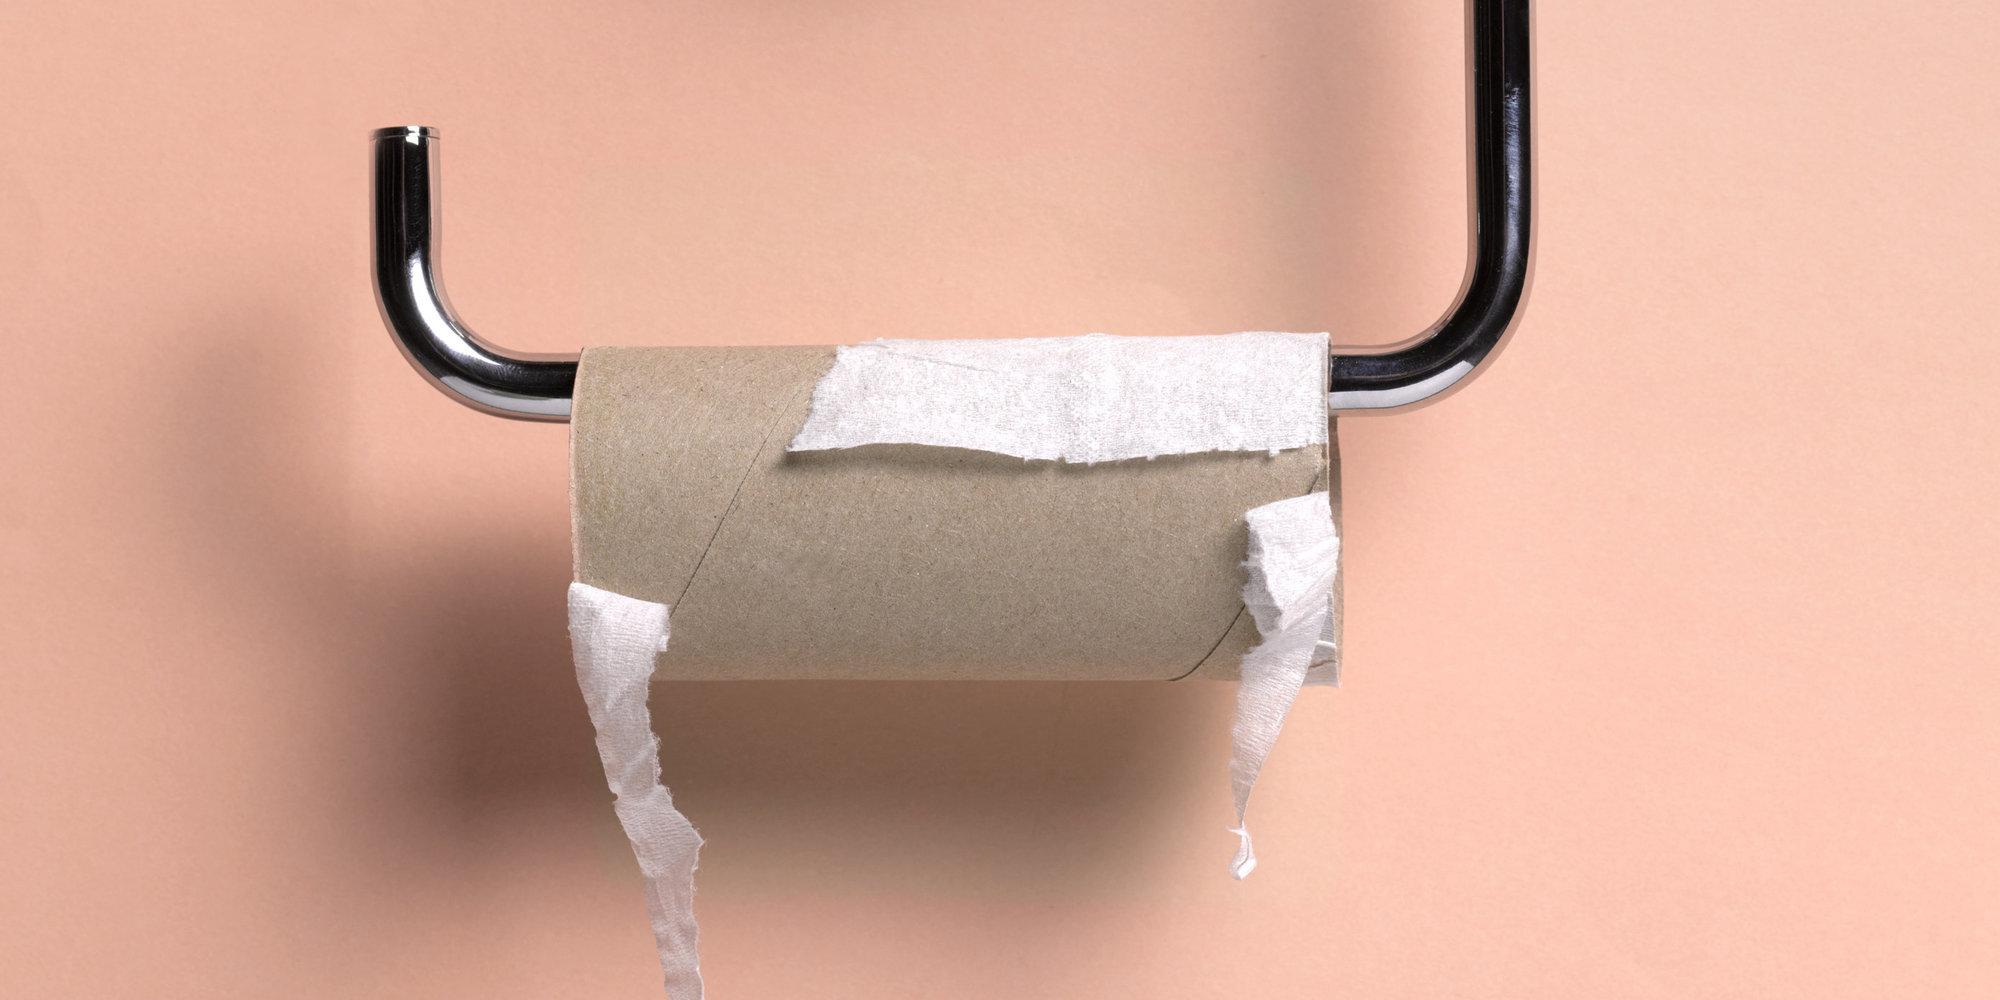 Verso Giusto Carta Igienica il verso giusto della carta igienica. articoli monouso e per